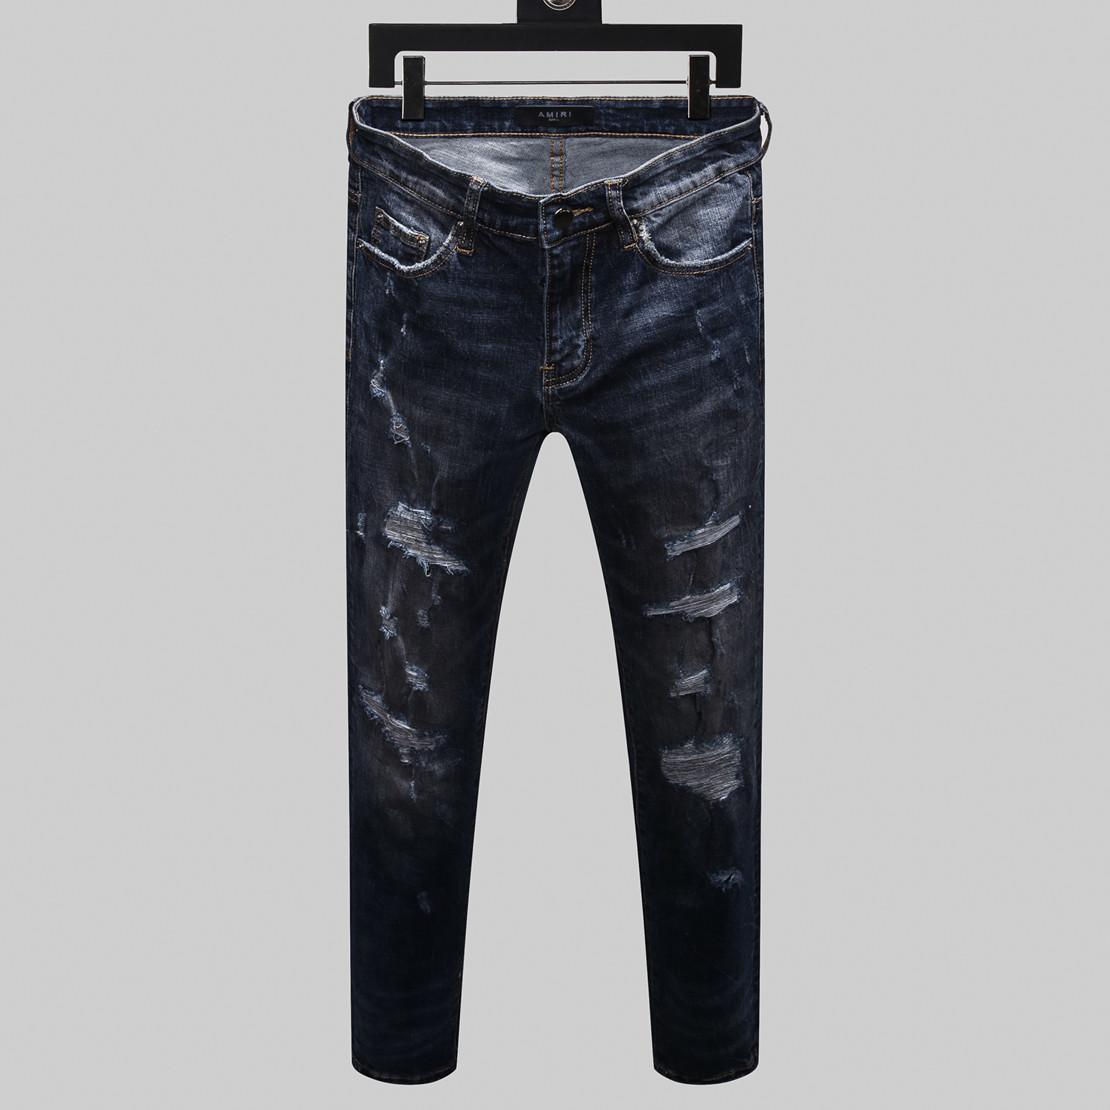 модный бренд джинсы мужчин высокого качества эластичные Letters вышивка джинсы отверстие мужчины боятся бога мыть рок стиль мотоцикла роскошные джинсы